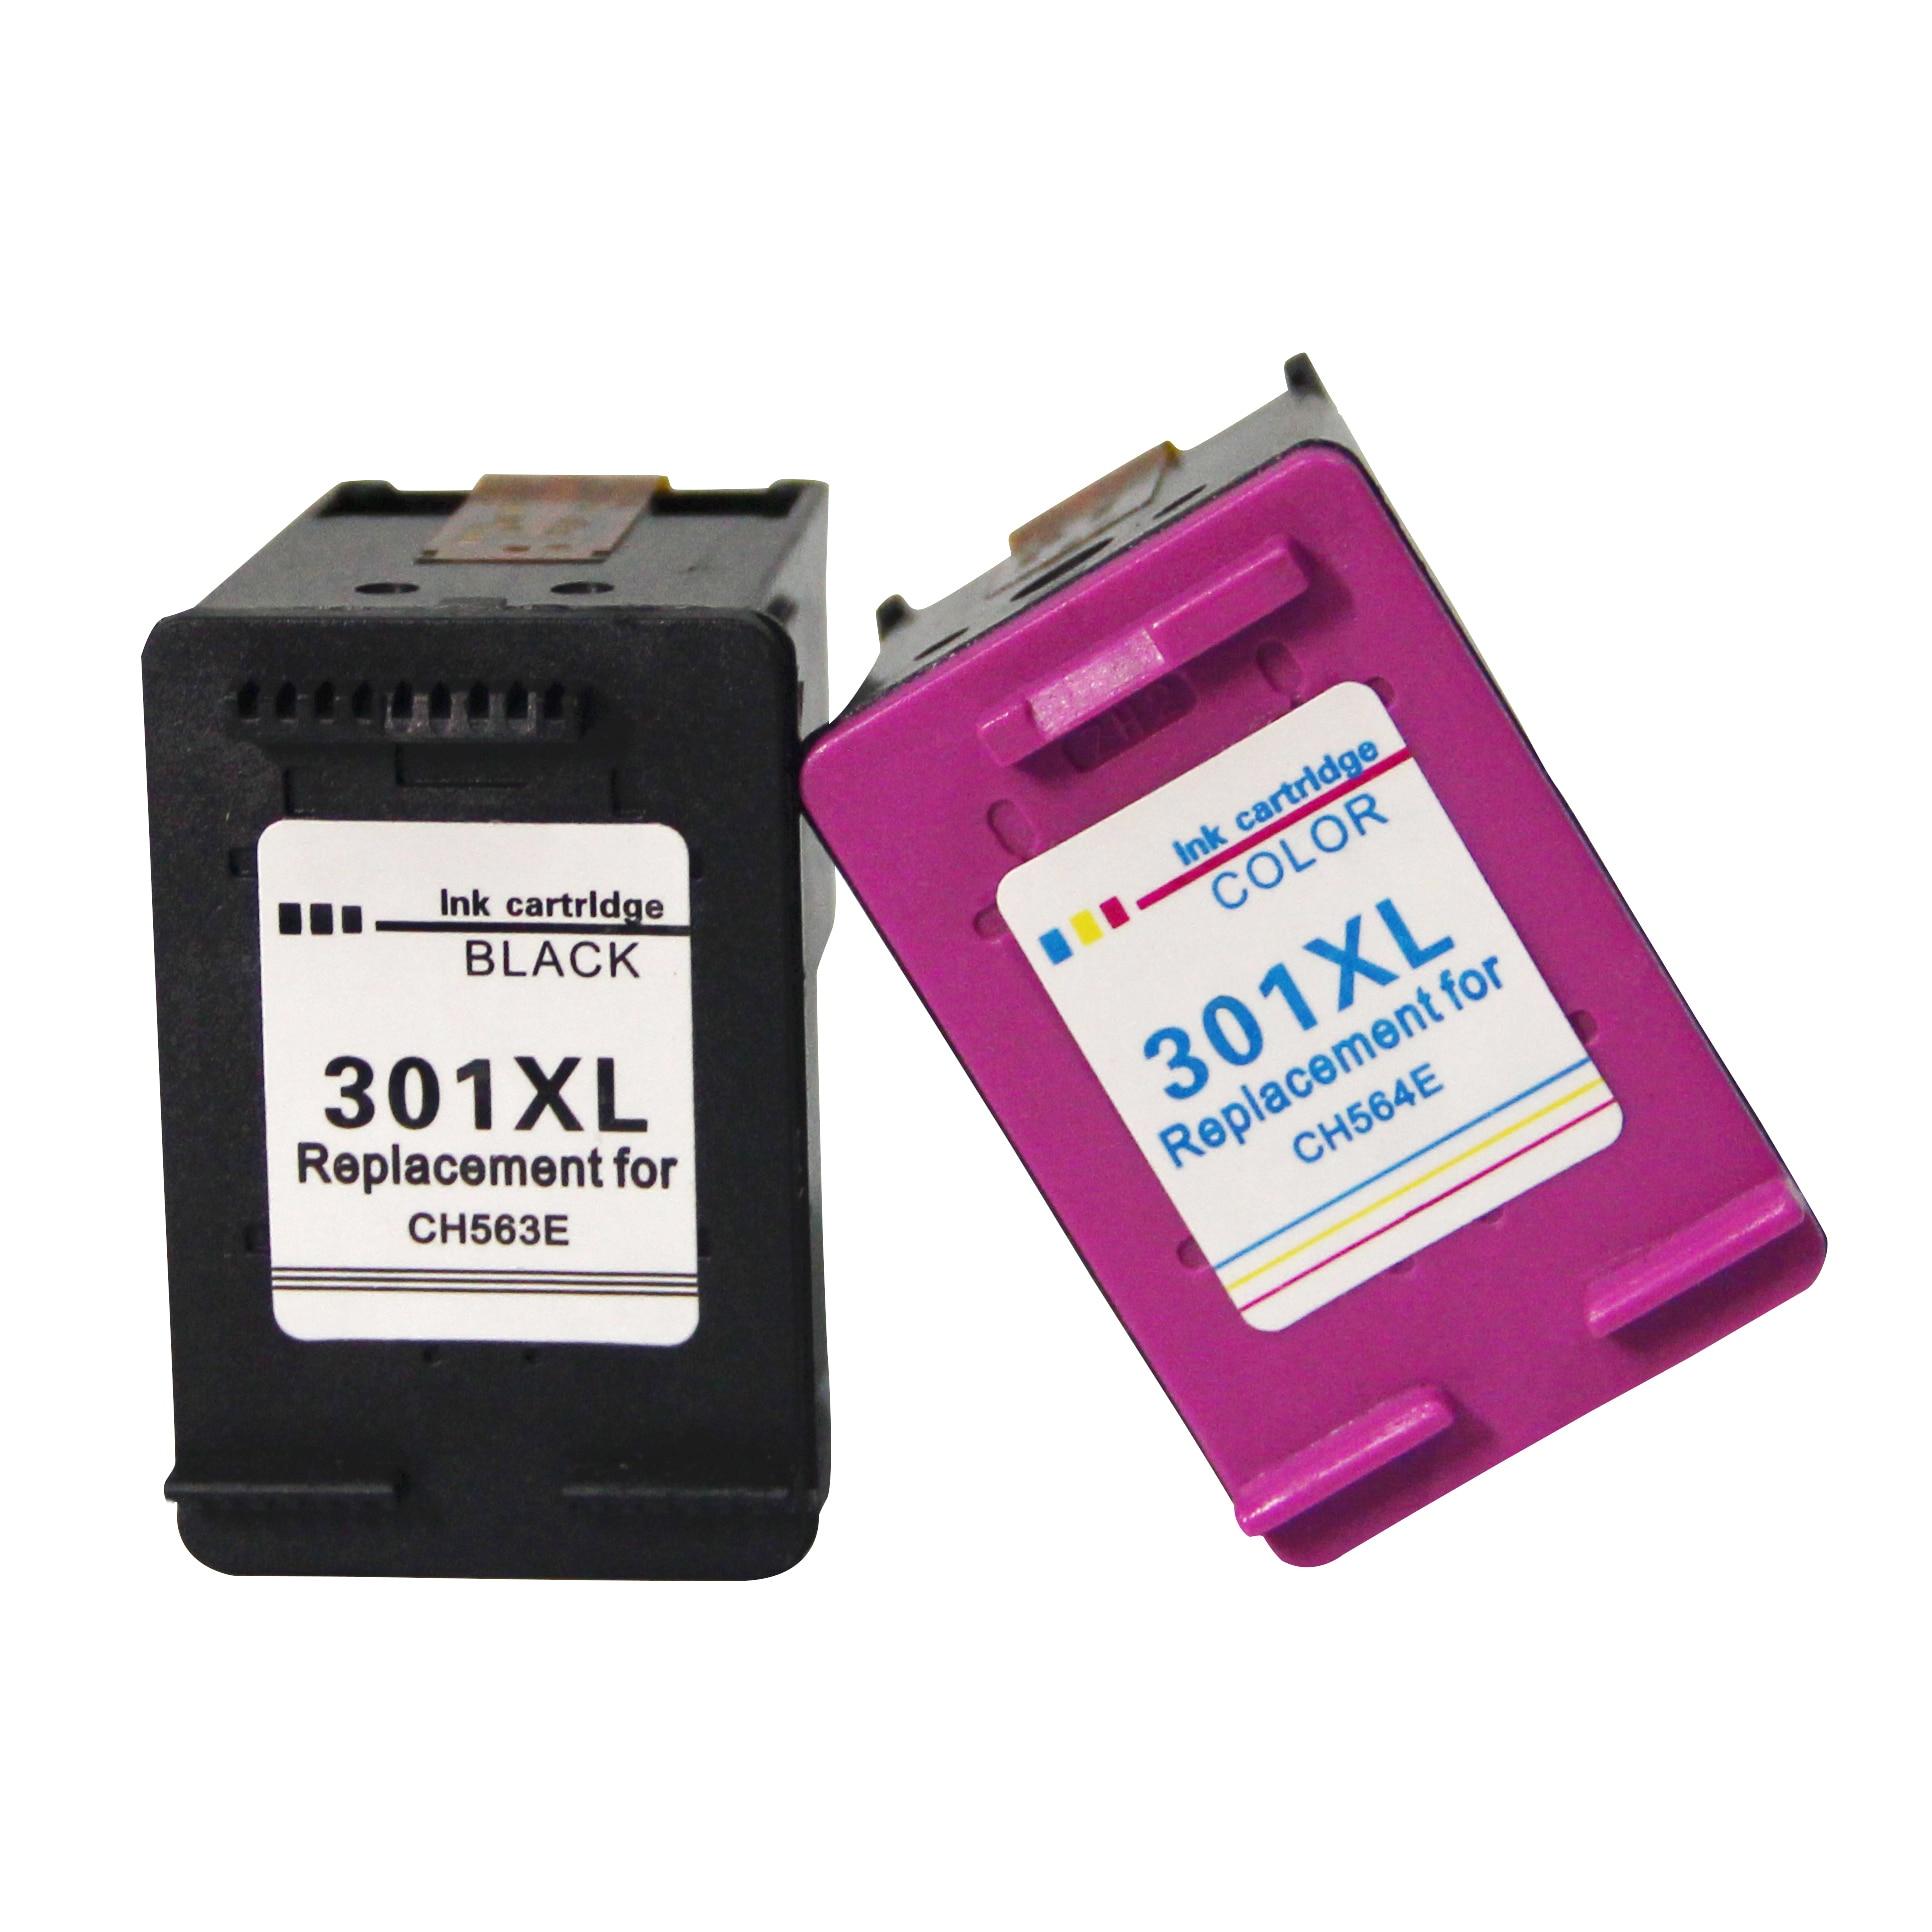 Cartouche d'encre Compatible 301XL pour HP 301 fonctionne sur HP Deskjet 1000 1050 2000 2050 2050S 2510 3510 3050 3050a Imprimantes